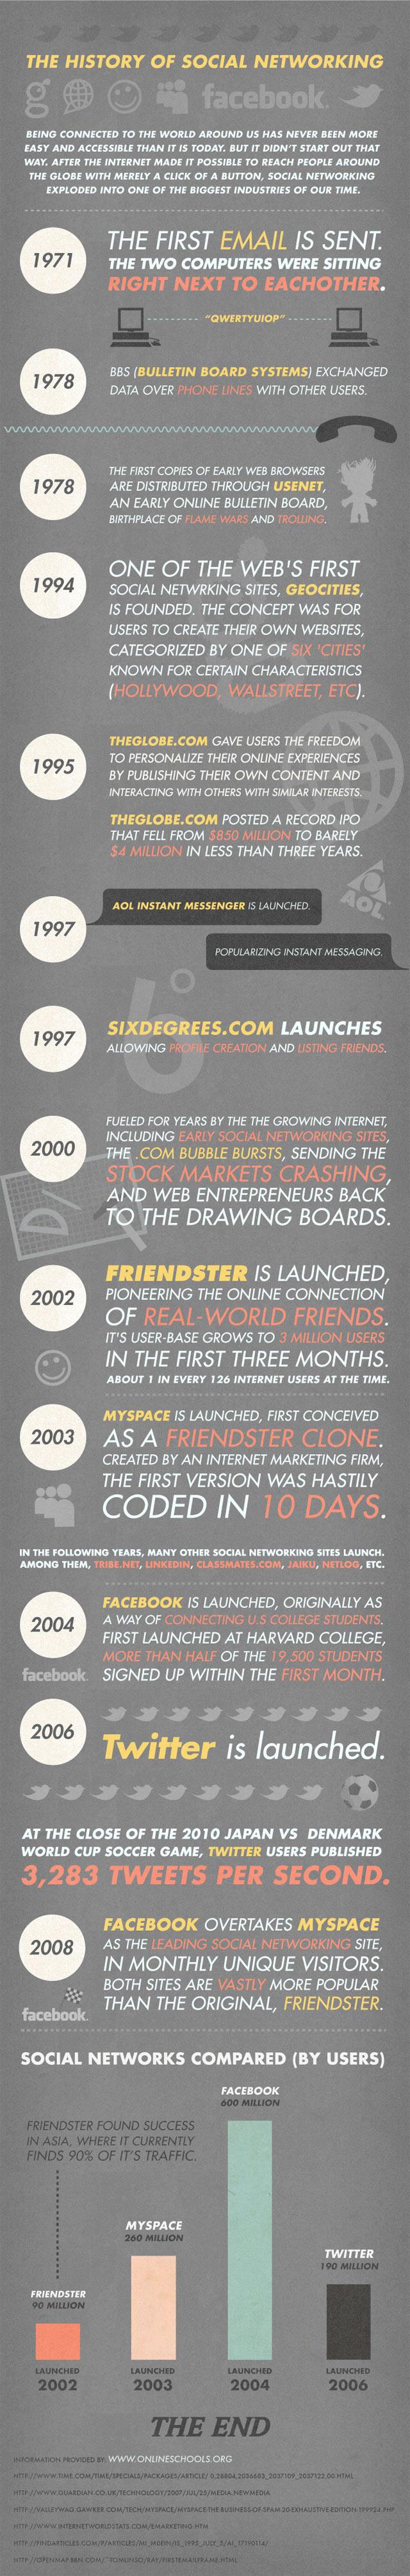 historia-redes-sociales